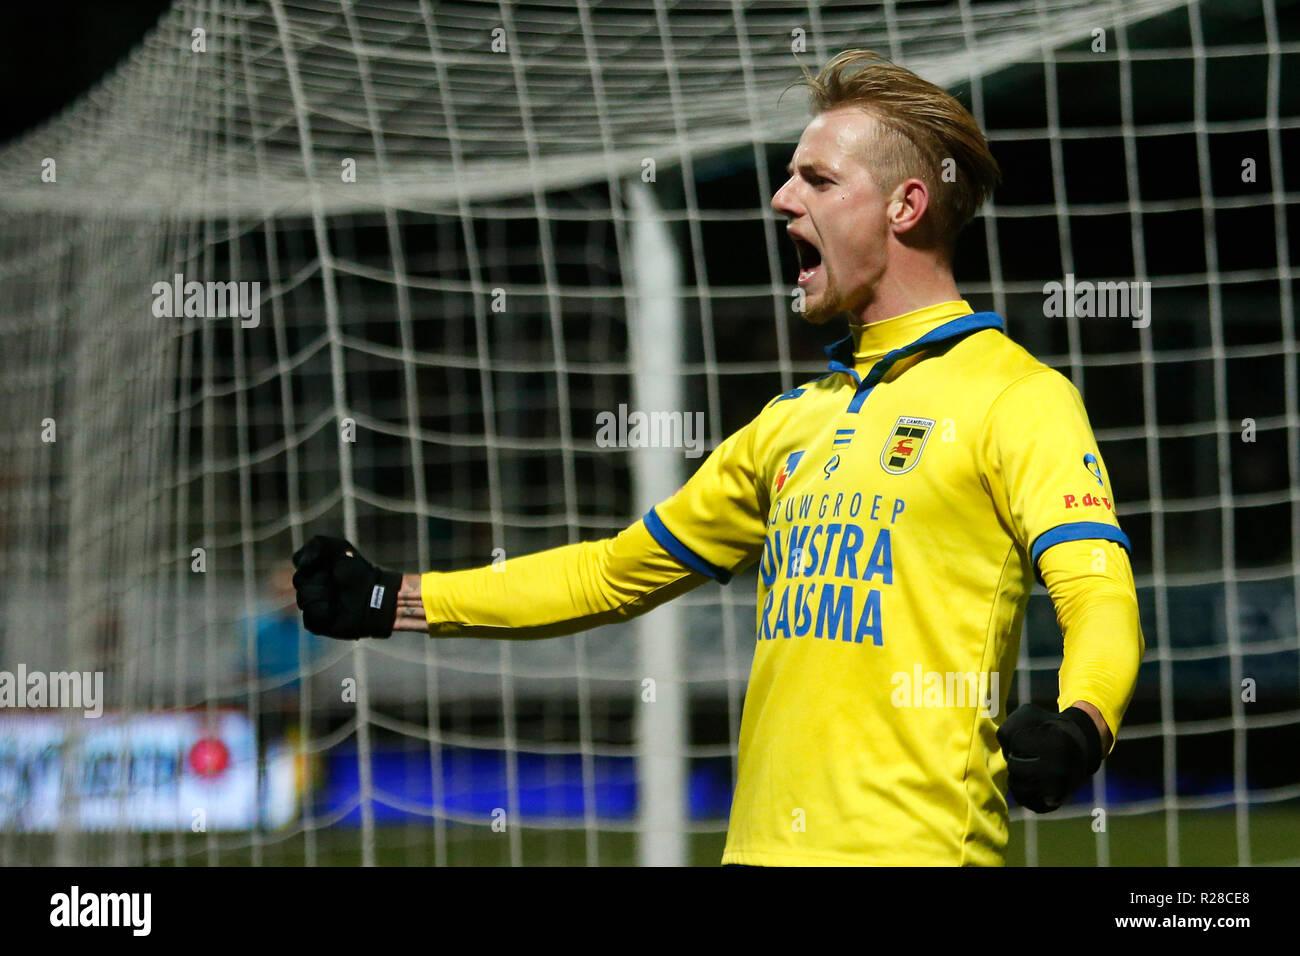 Keuken Kampioen Leeuwarden : Leeuwarden cambuur stadium 17 11 2018 season 2018 2019